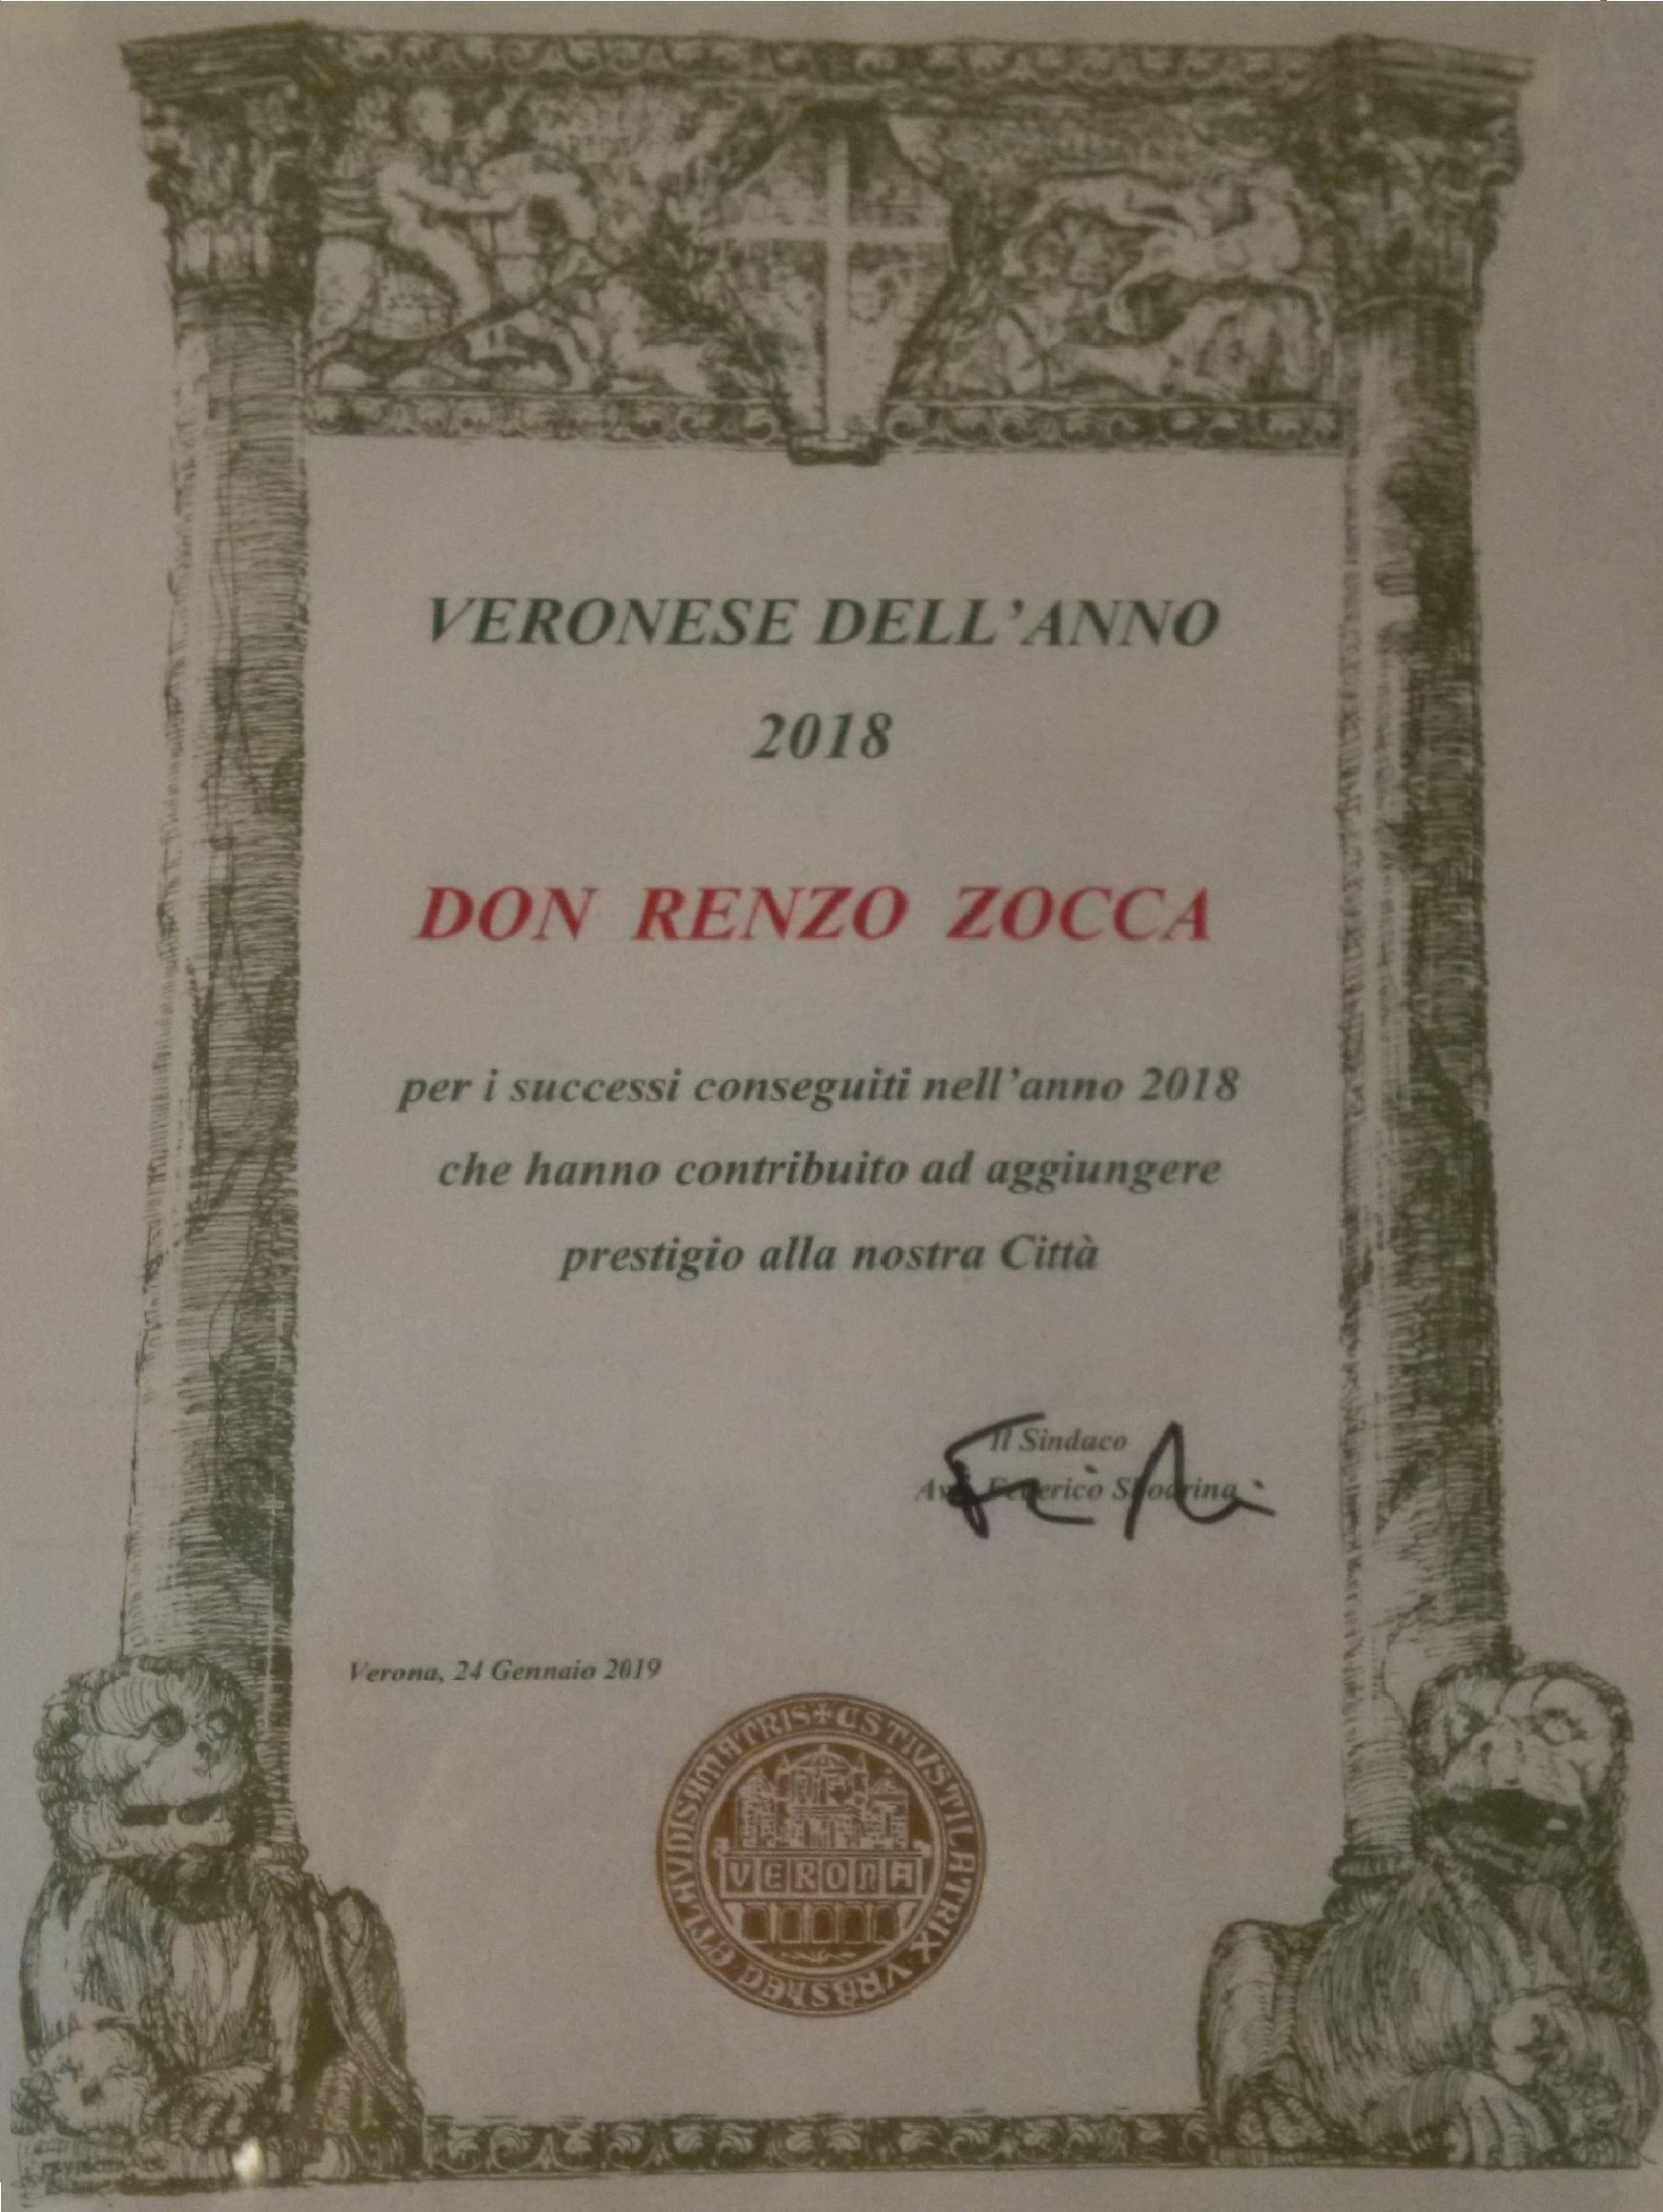 Don_Zocca_veronese_anno_2018